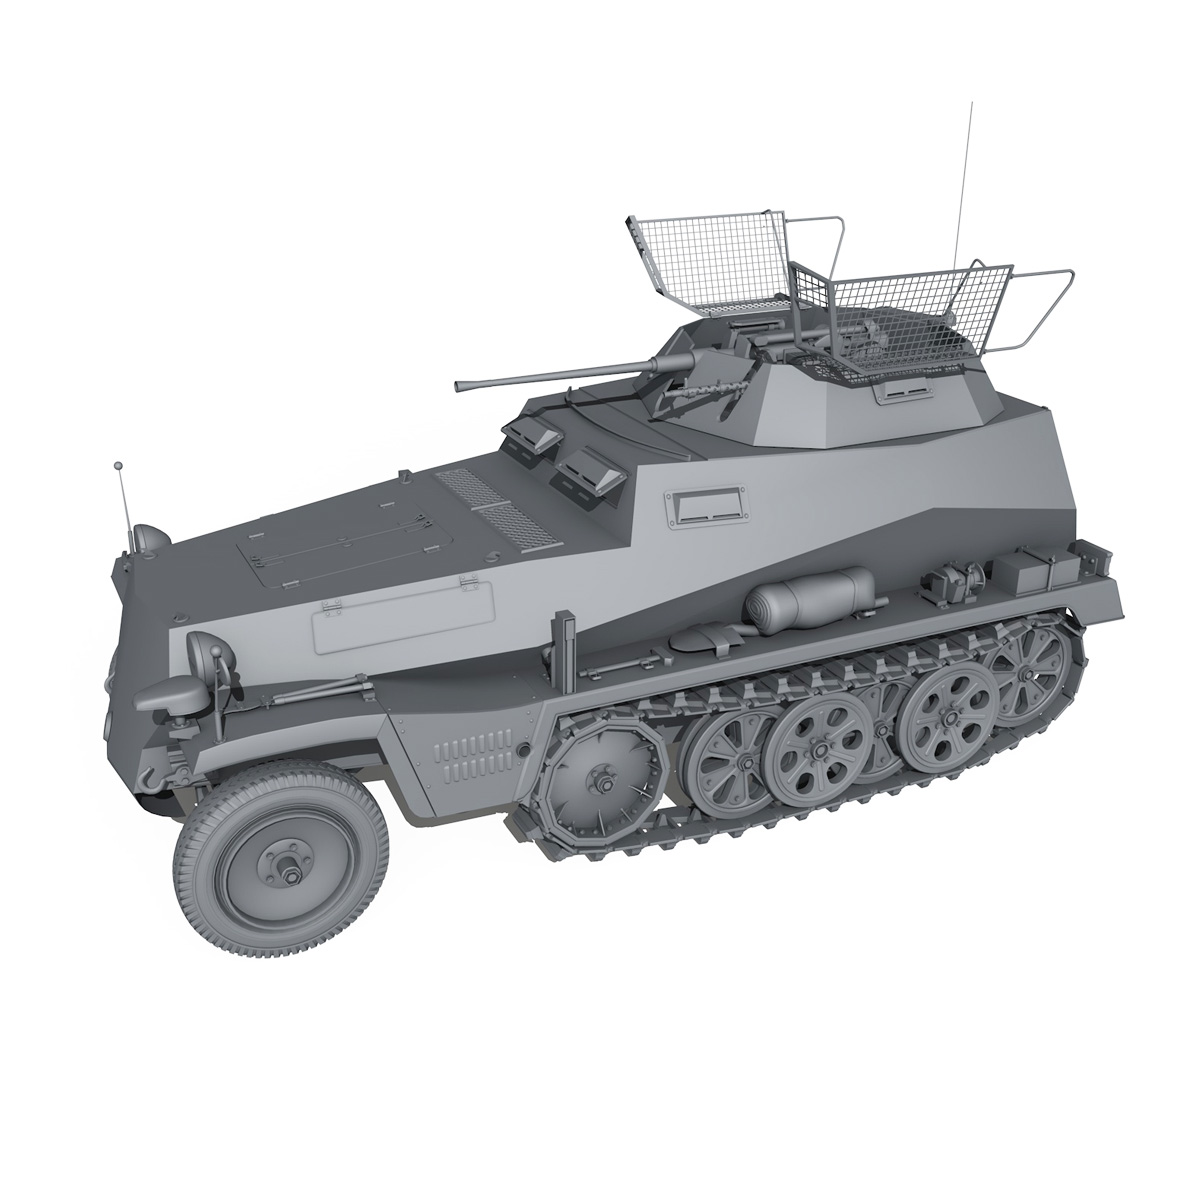 SD.KFZ 250 - Reconnaissance Halftruck - 23 PzDiv 3d model 3ds fbx c4d lwo lws lw obj 273100